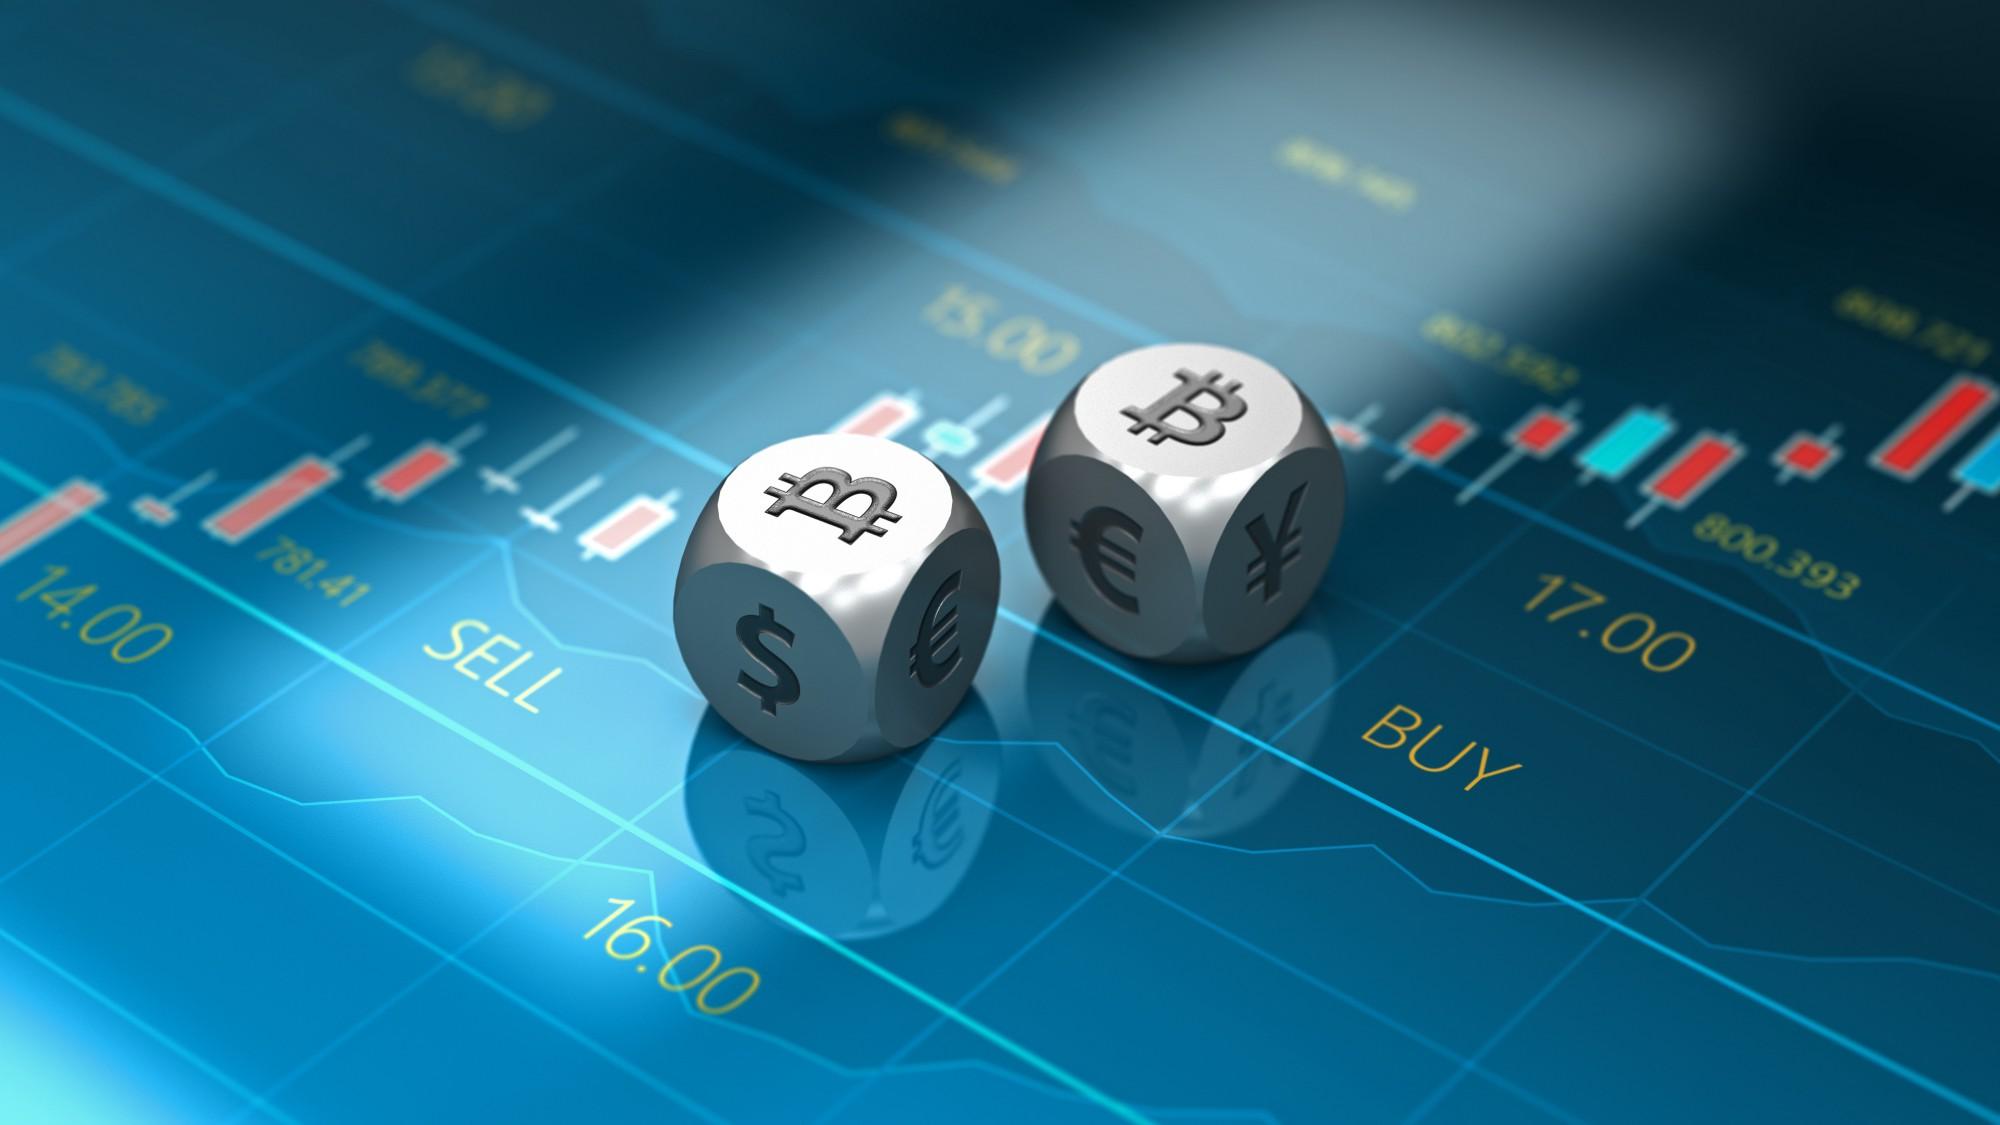 meilleur site et application pour échanger des crypto-monnaies